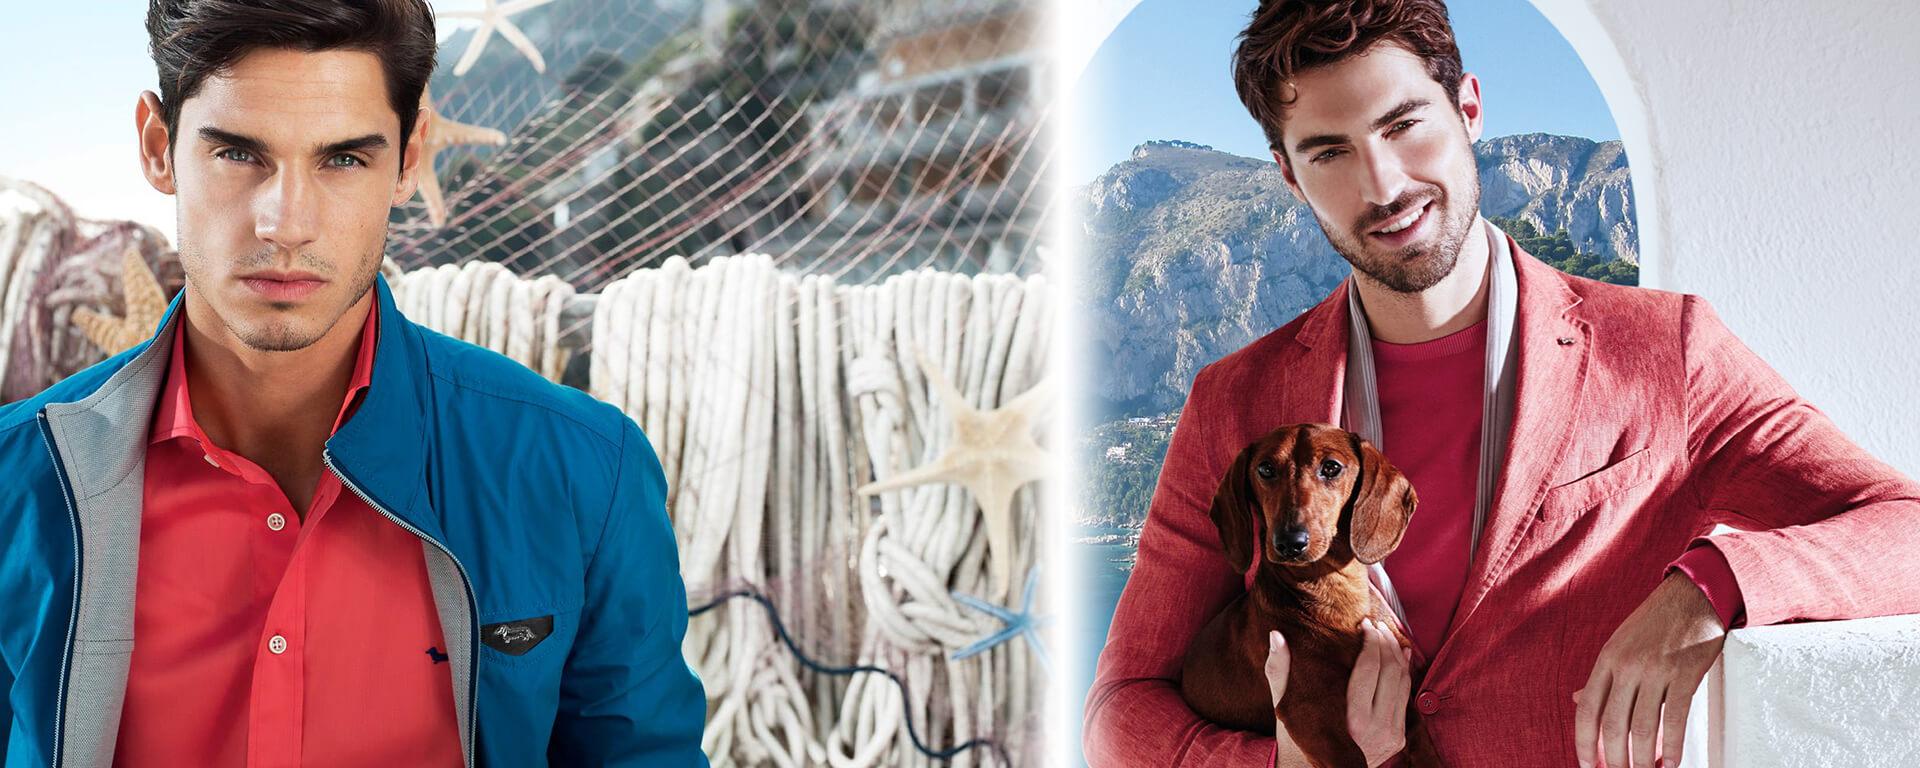 Harmont y Blaine